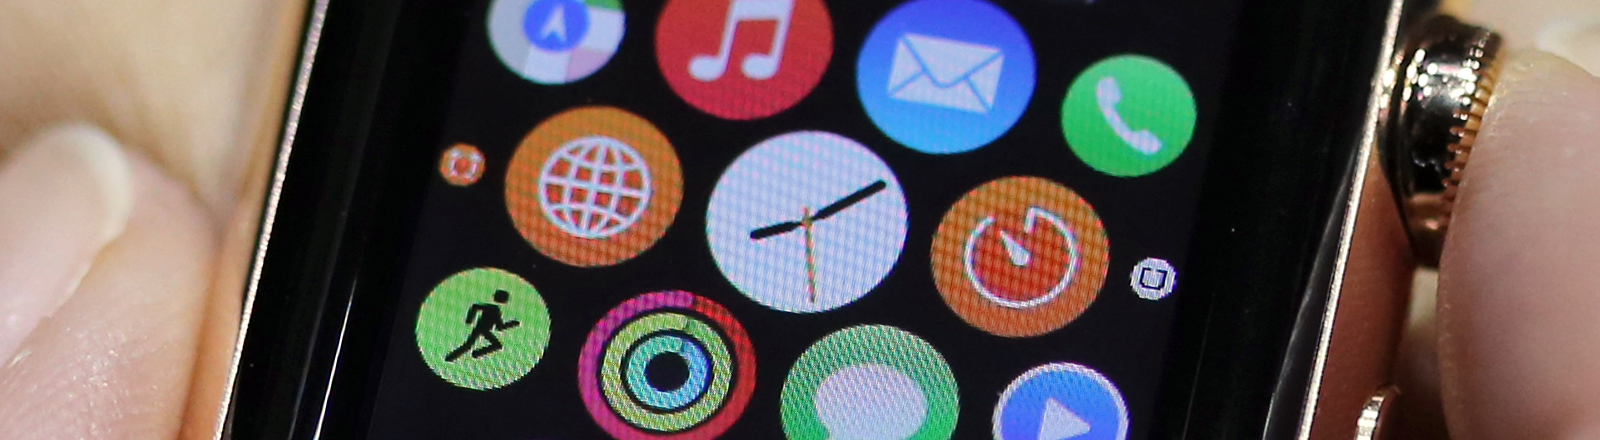 Journalisten testen im Apple Store in Berlin am 09.03.2015 die neue Computeruhr des Herstellers, die sogenannte Apple Watch.